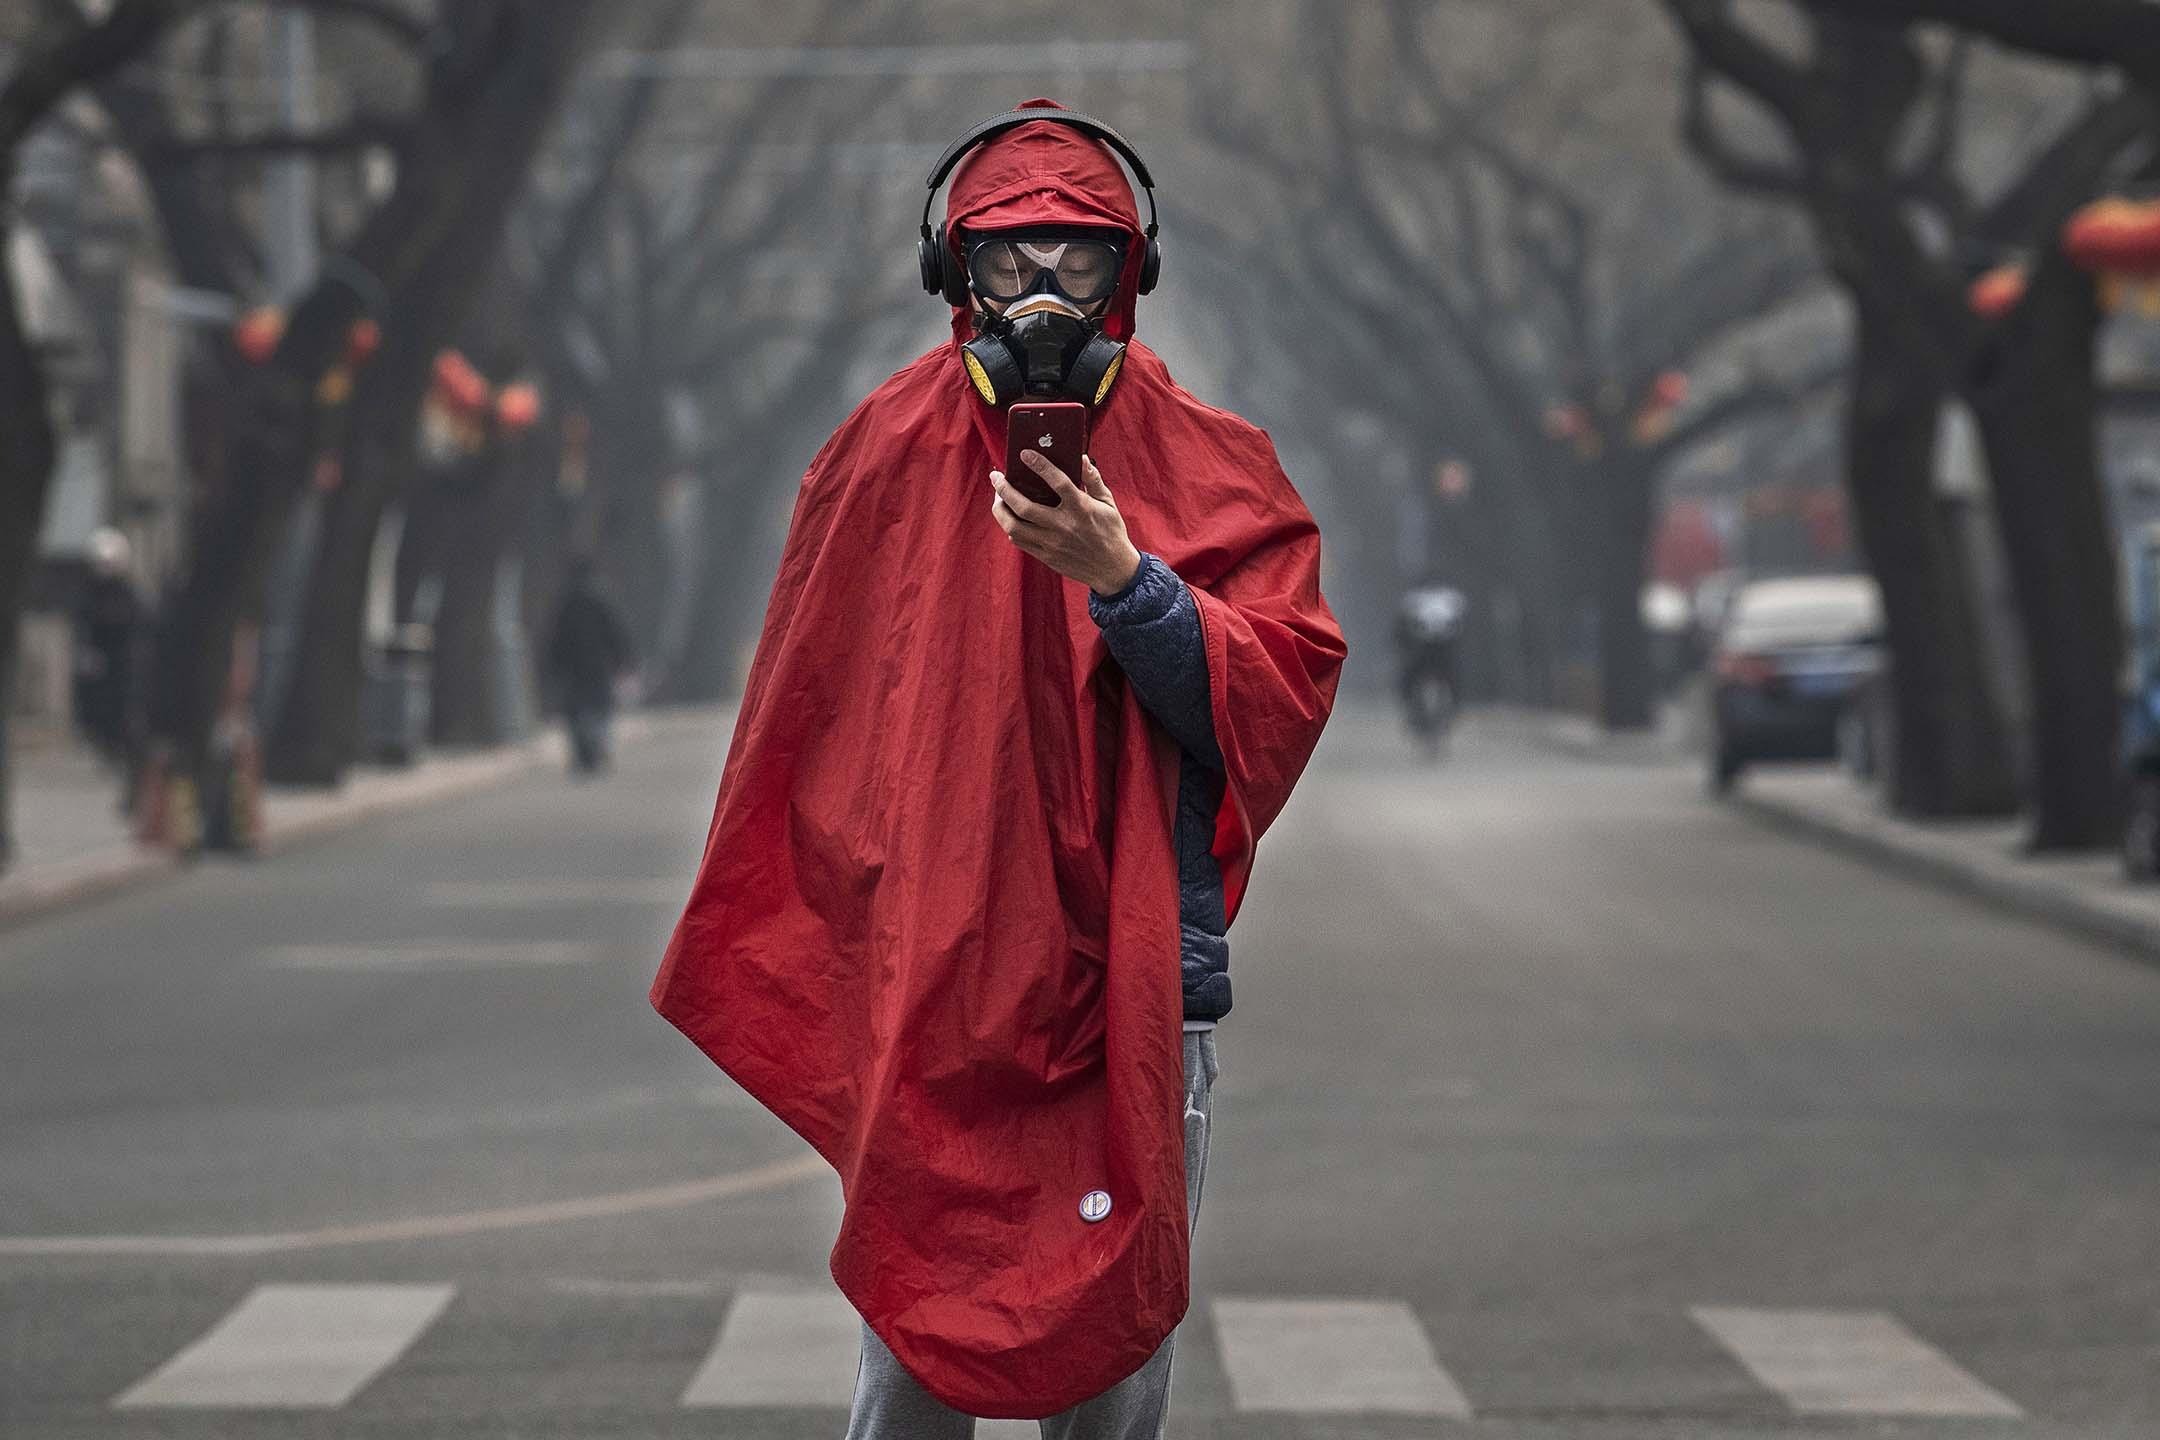 2020年1月26日北京,一名中國男子戴著防護口罩、護目鏡和大衣走在一條空蕩蕩的街道。